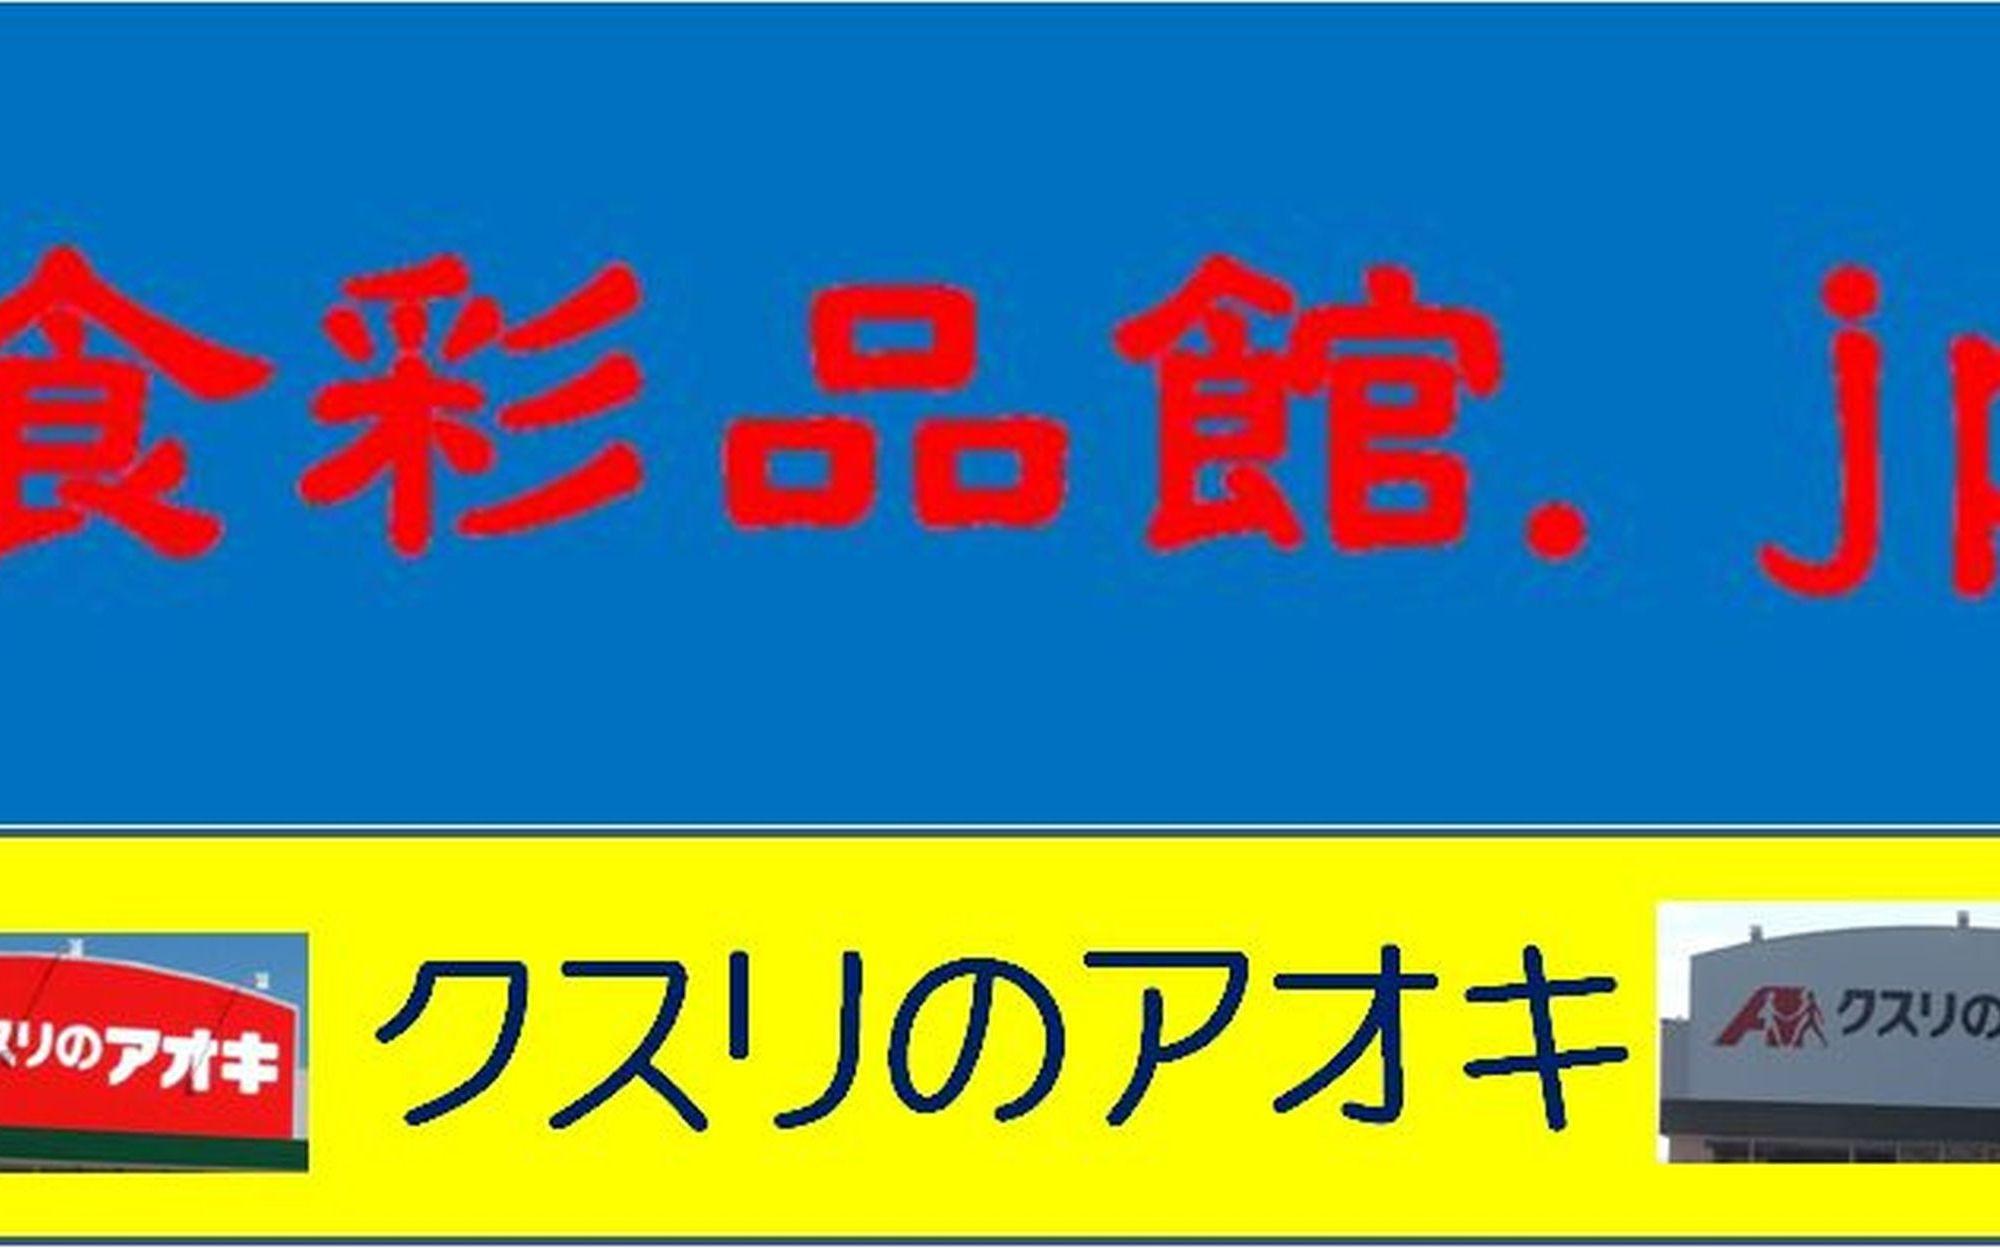 クスリのアオキ鯖江丸山店(福井県鯖江市)2020年11月26日オープン予定で大店立地届出